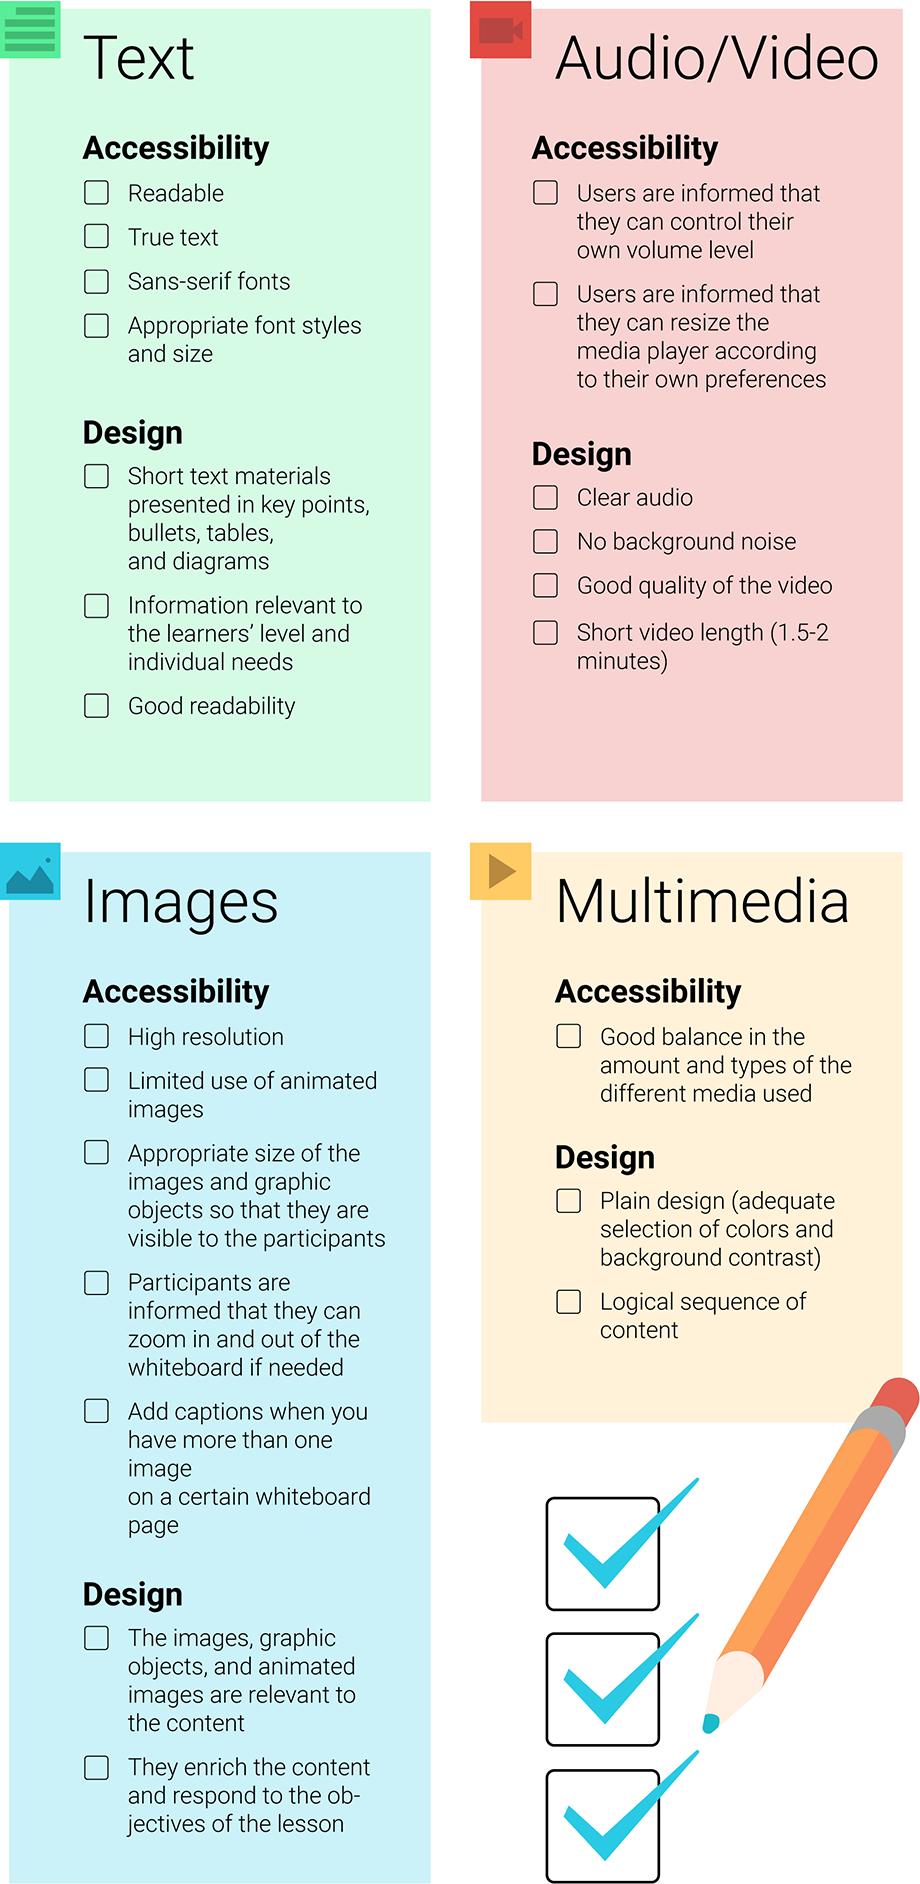 VEDAMO checklist for web-content accessibility